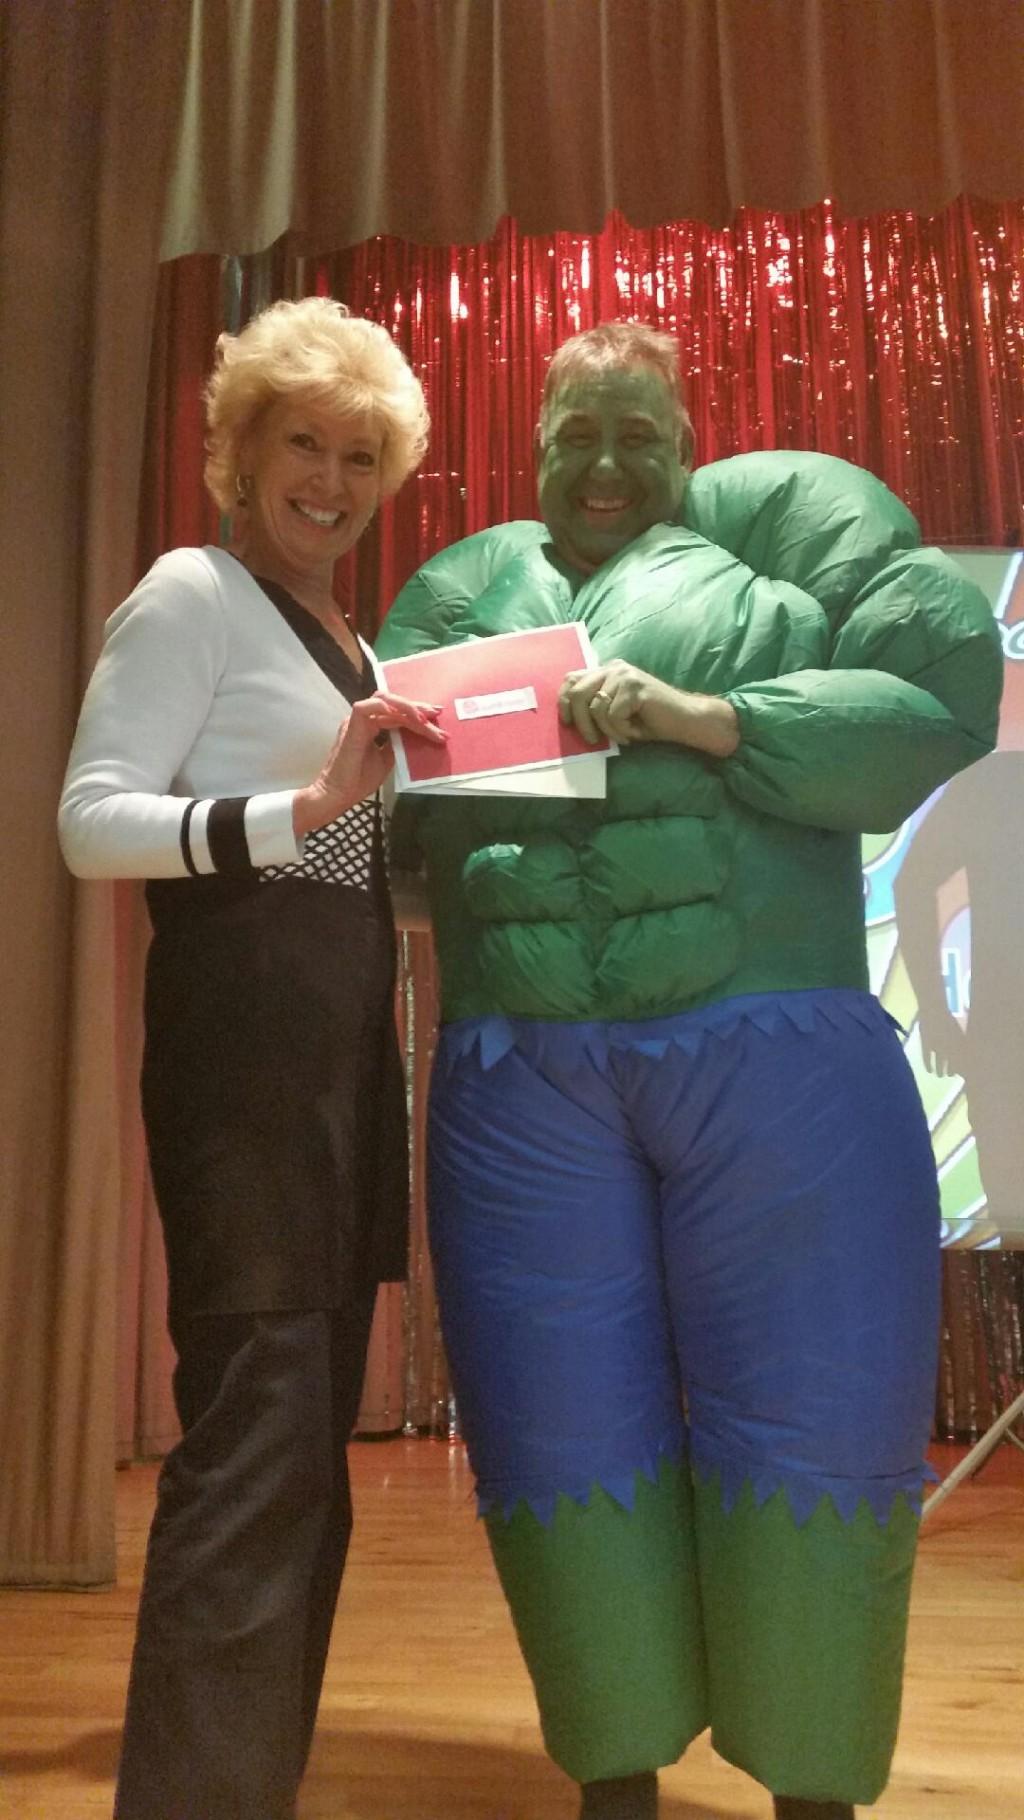 Charlotte Grobien Donates £55,000 To Eikon